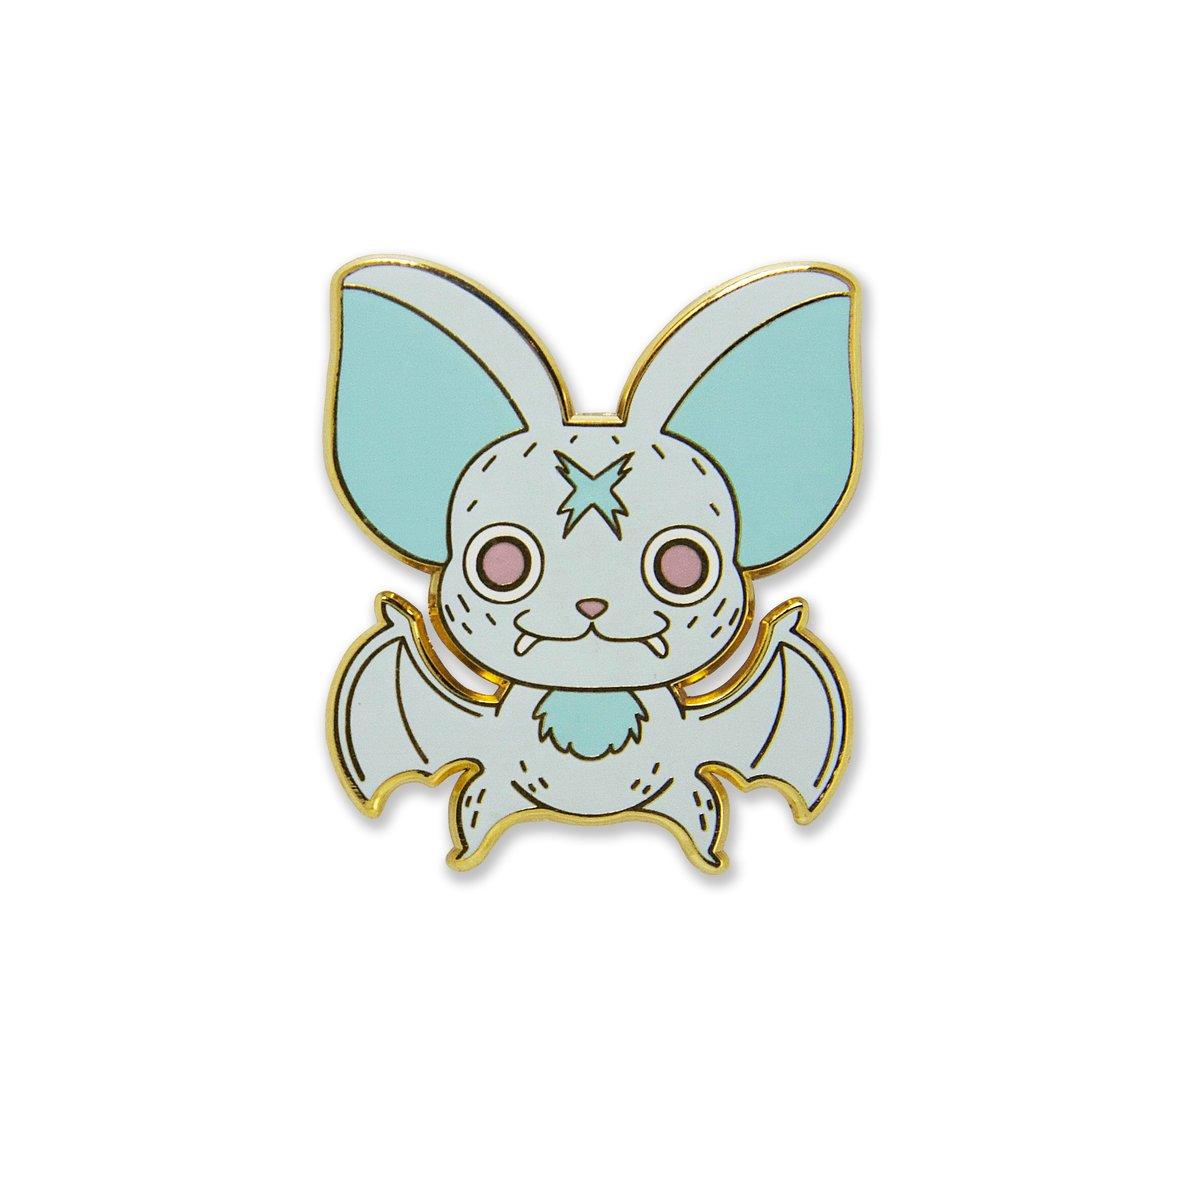 Image of Baby Bat Enamel Pin